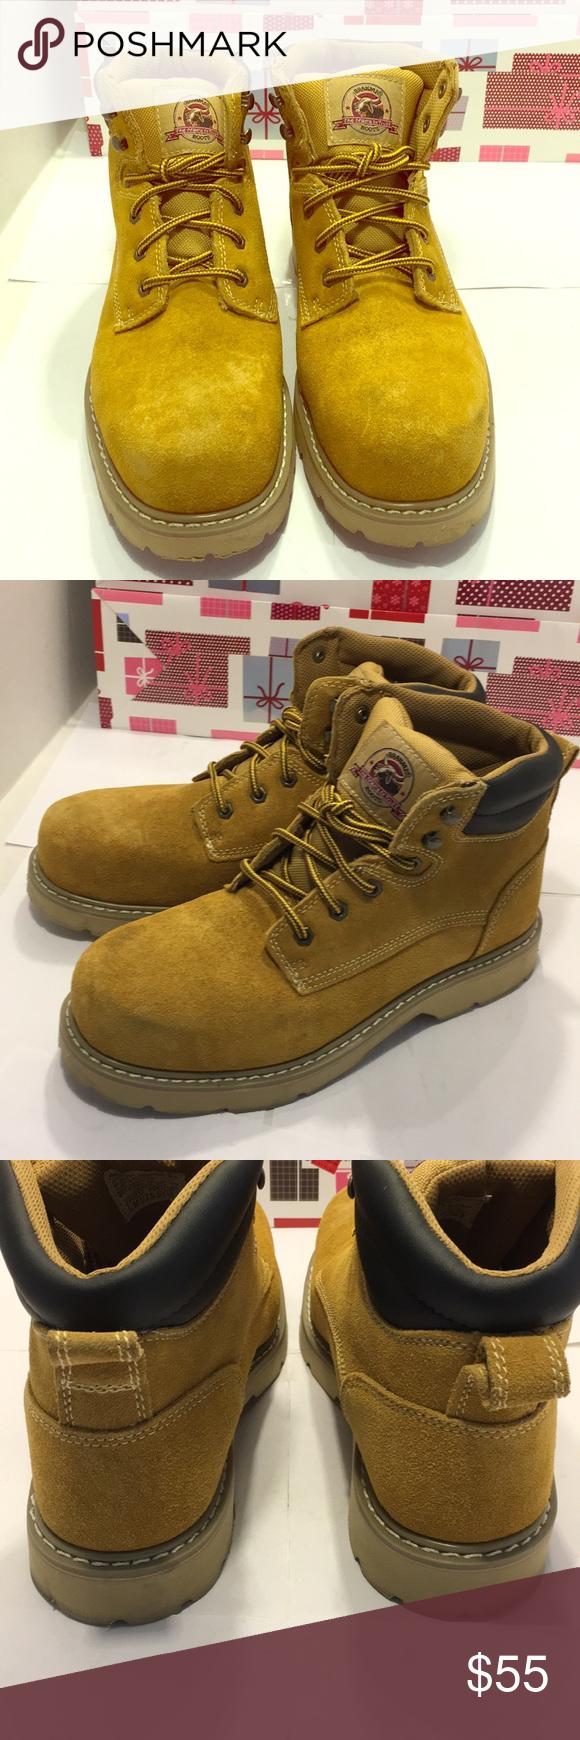 f80a4e0a6d4 NWOT BRAHMA Steel Toe Boots 🥾. Size: 10.5 NWOT BRAHMA Steel Toe ...